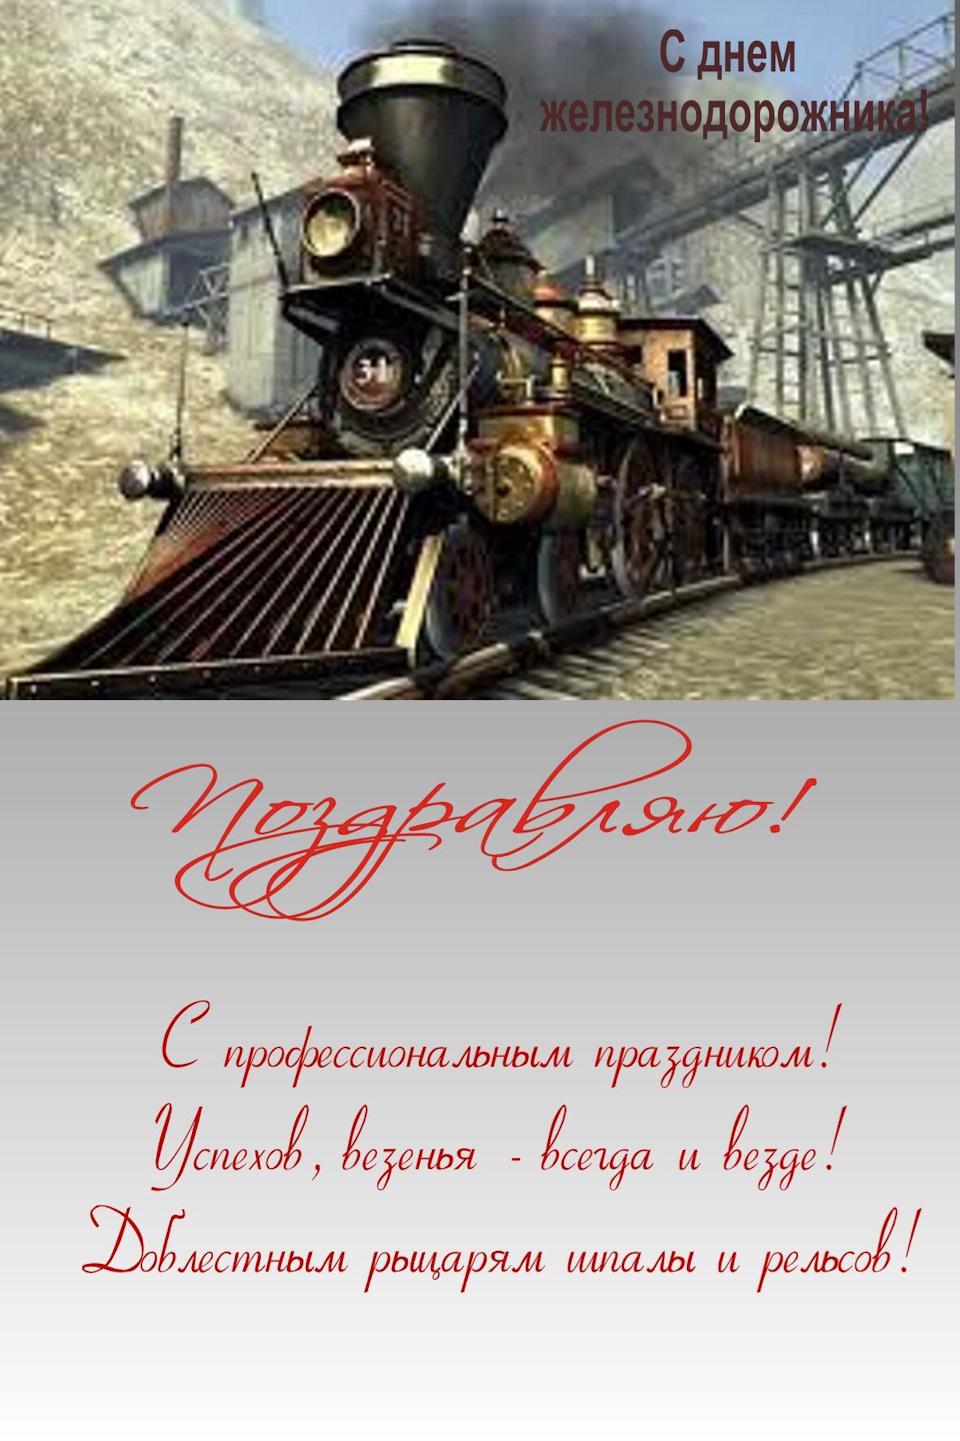 Поздравления в картинках с дне железнодорожника